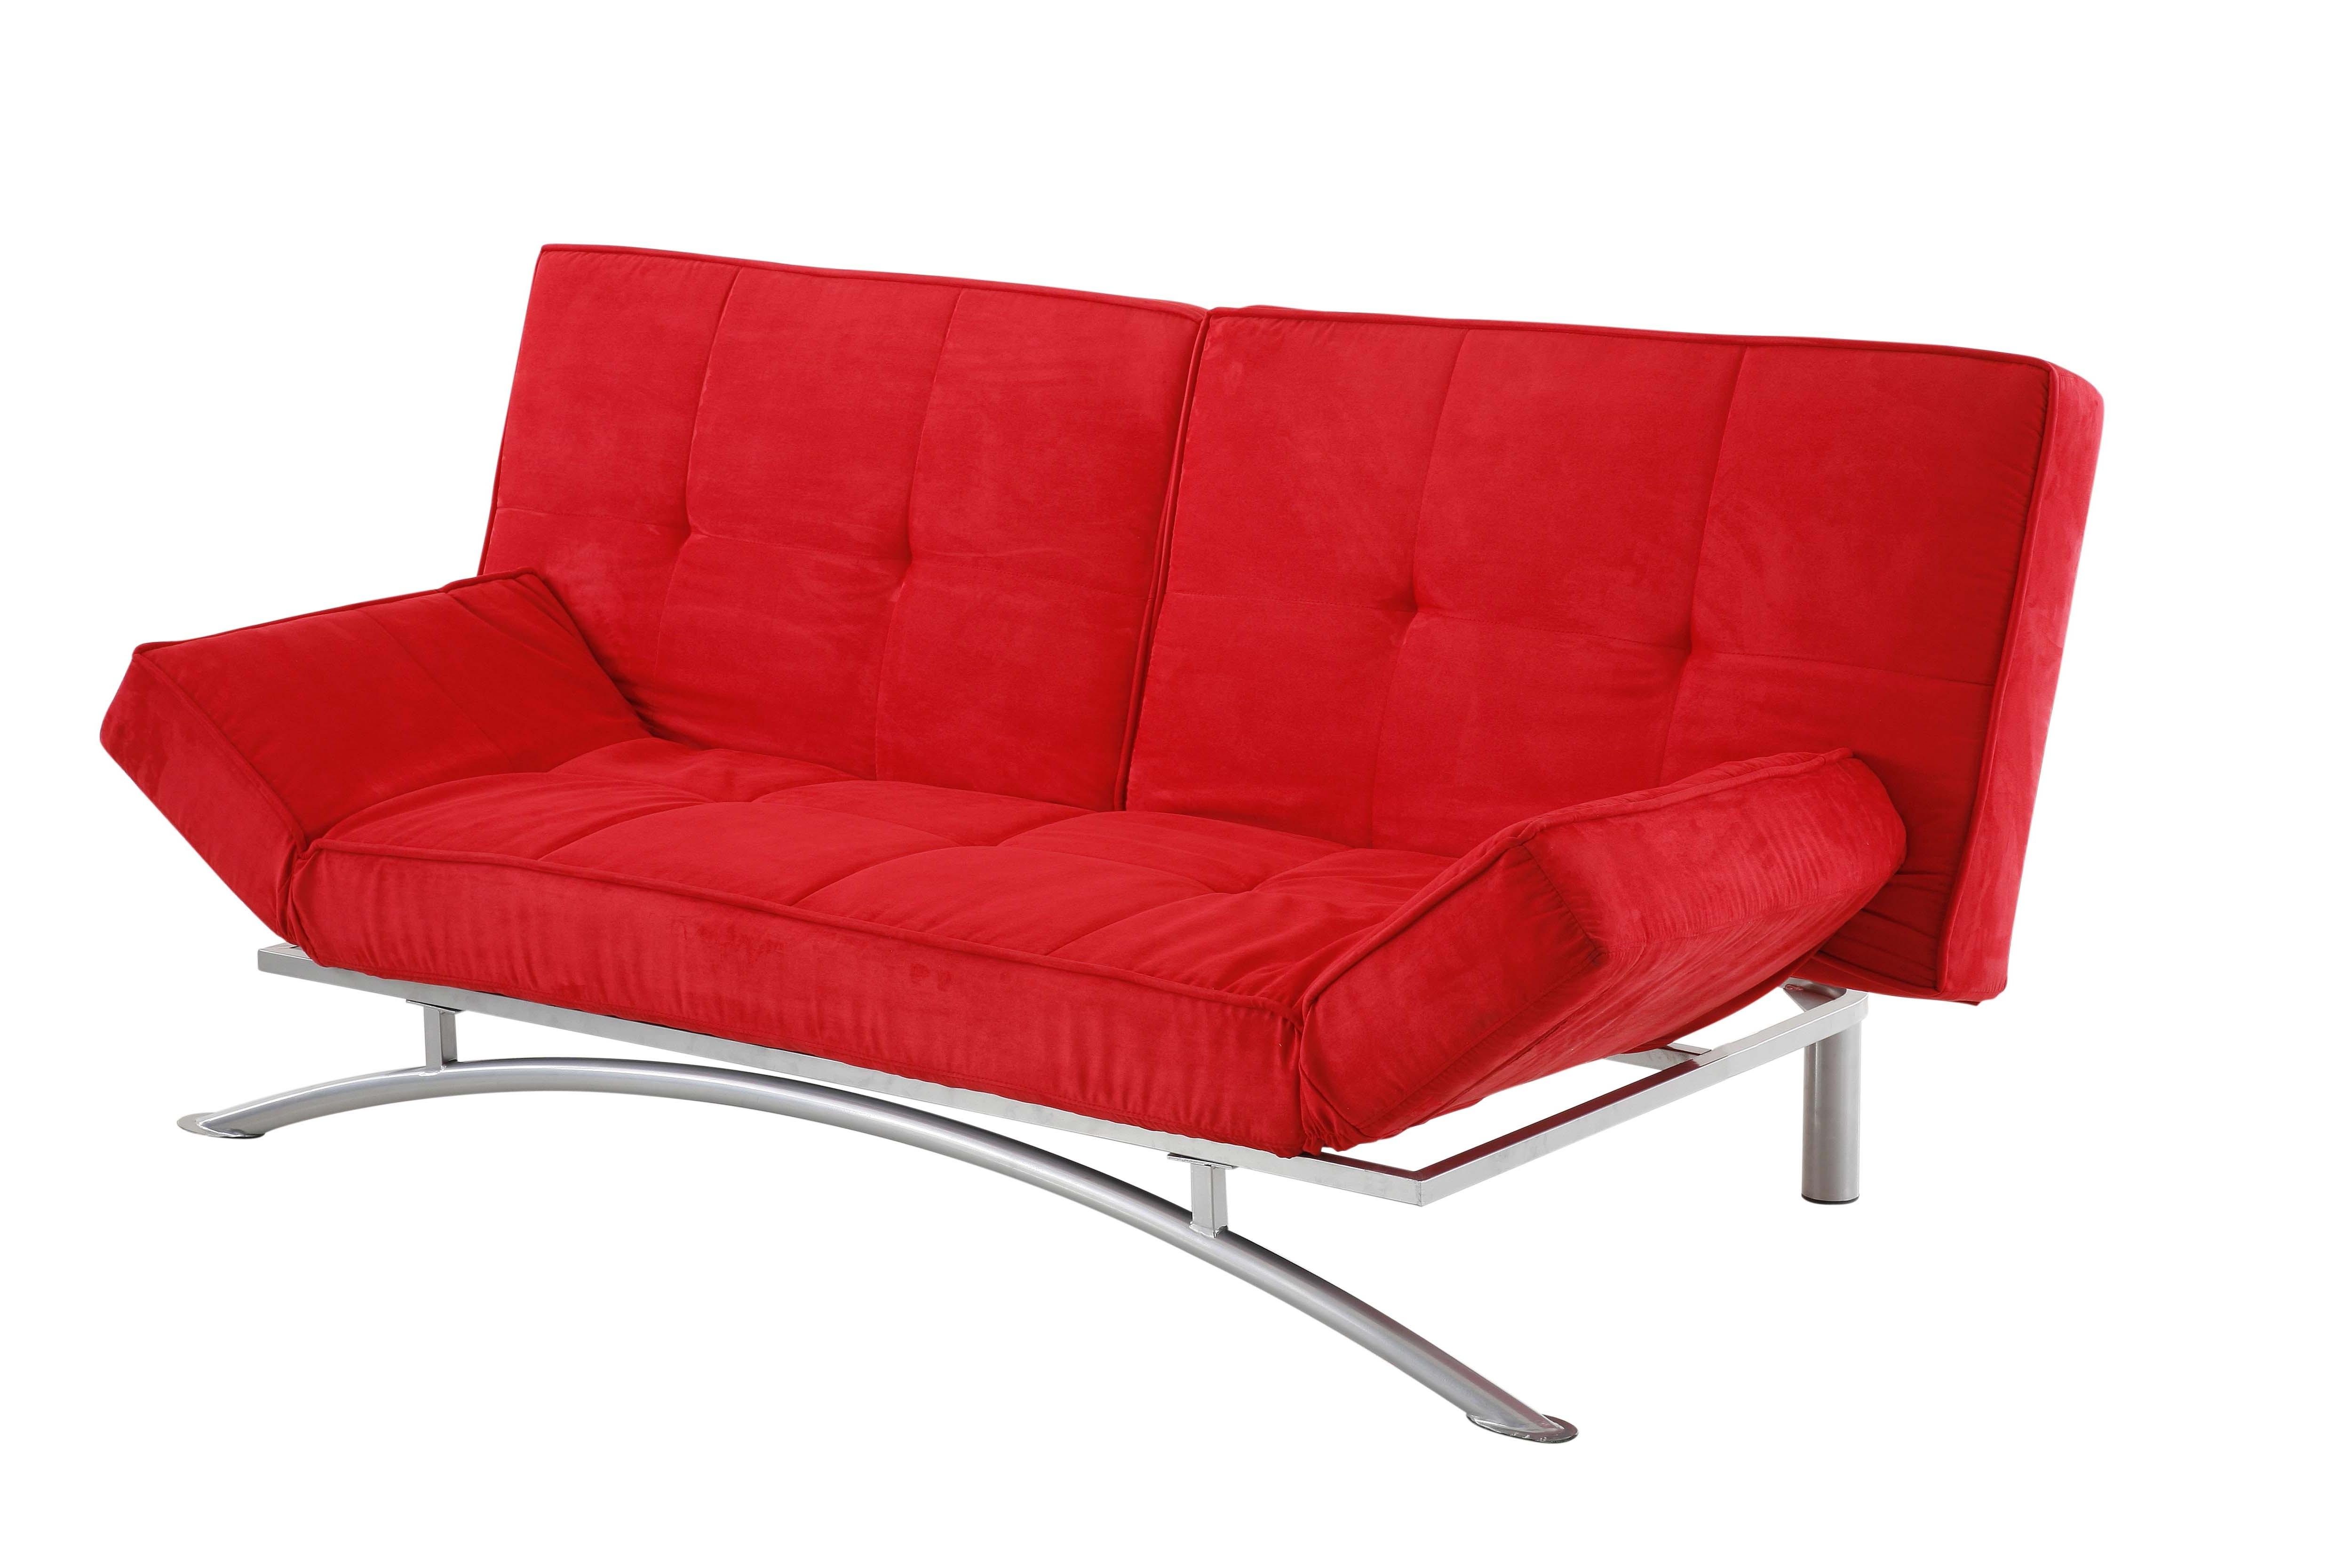 Sofa Cama Online Nkde Elegante sofa Cama Online sof S Baratos Prar Mueblix